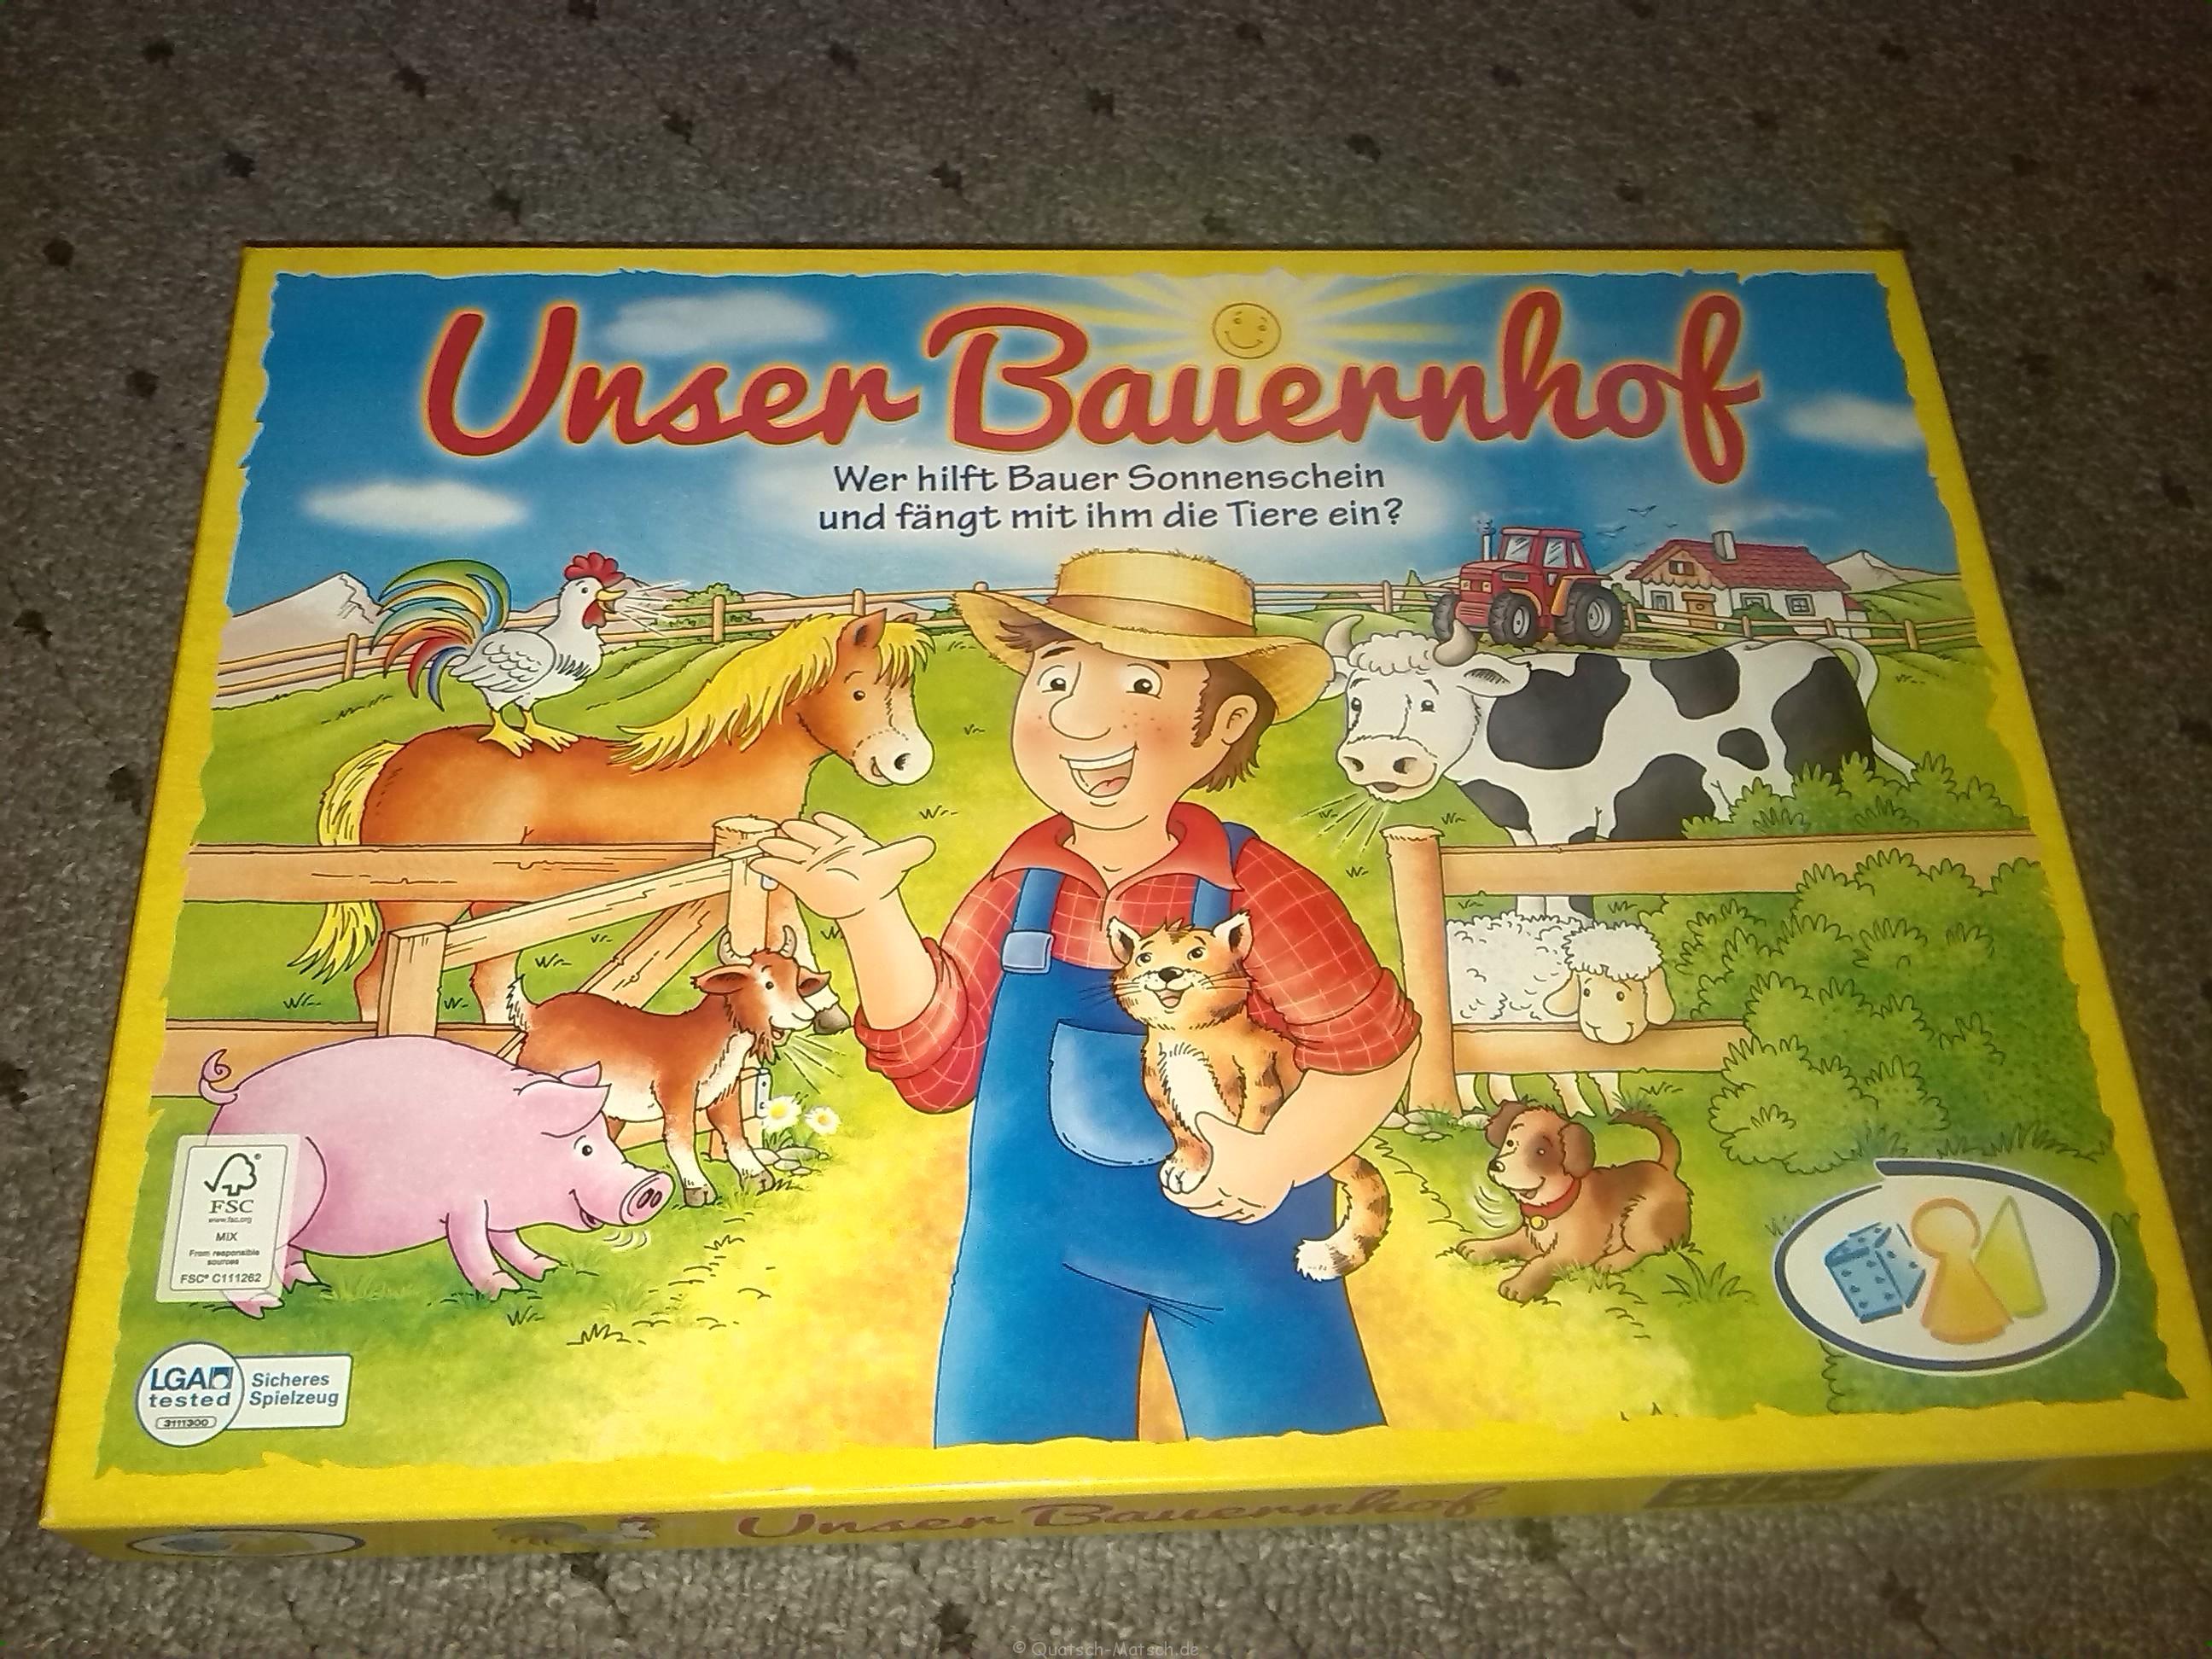 Unser Bauernhof Spiel